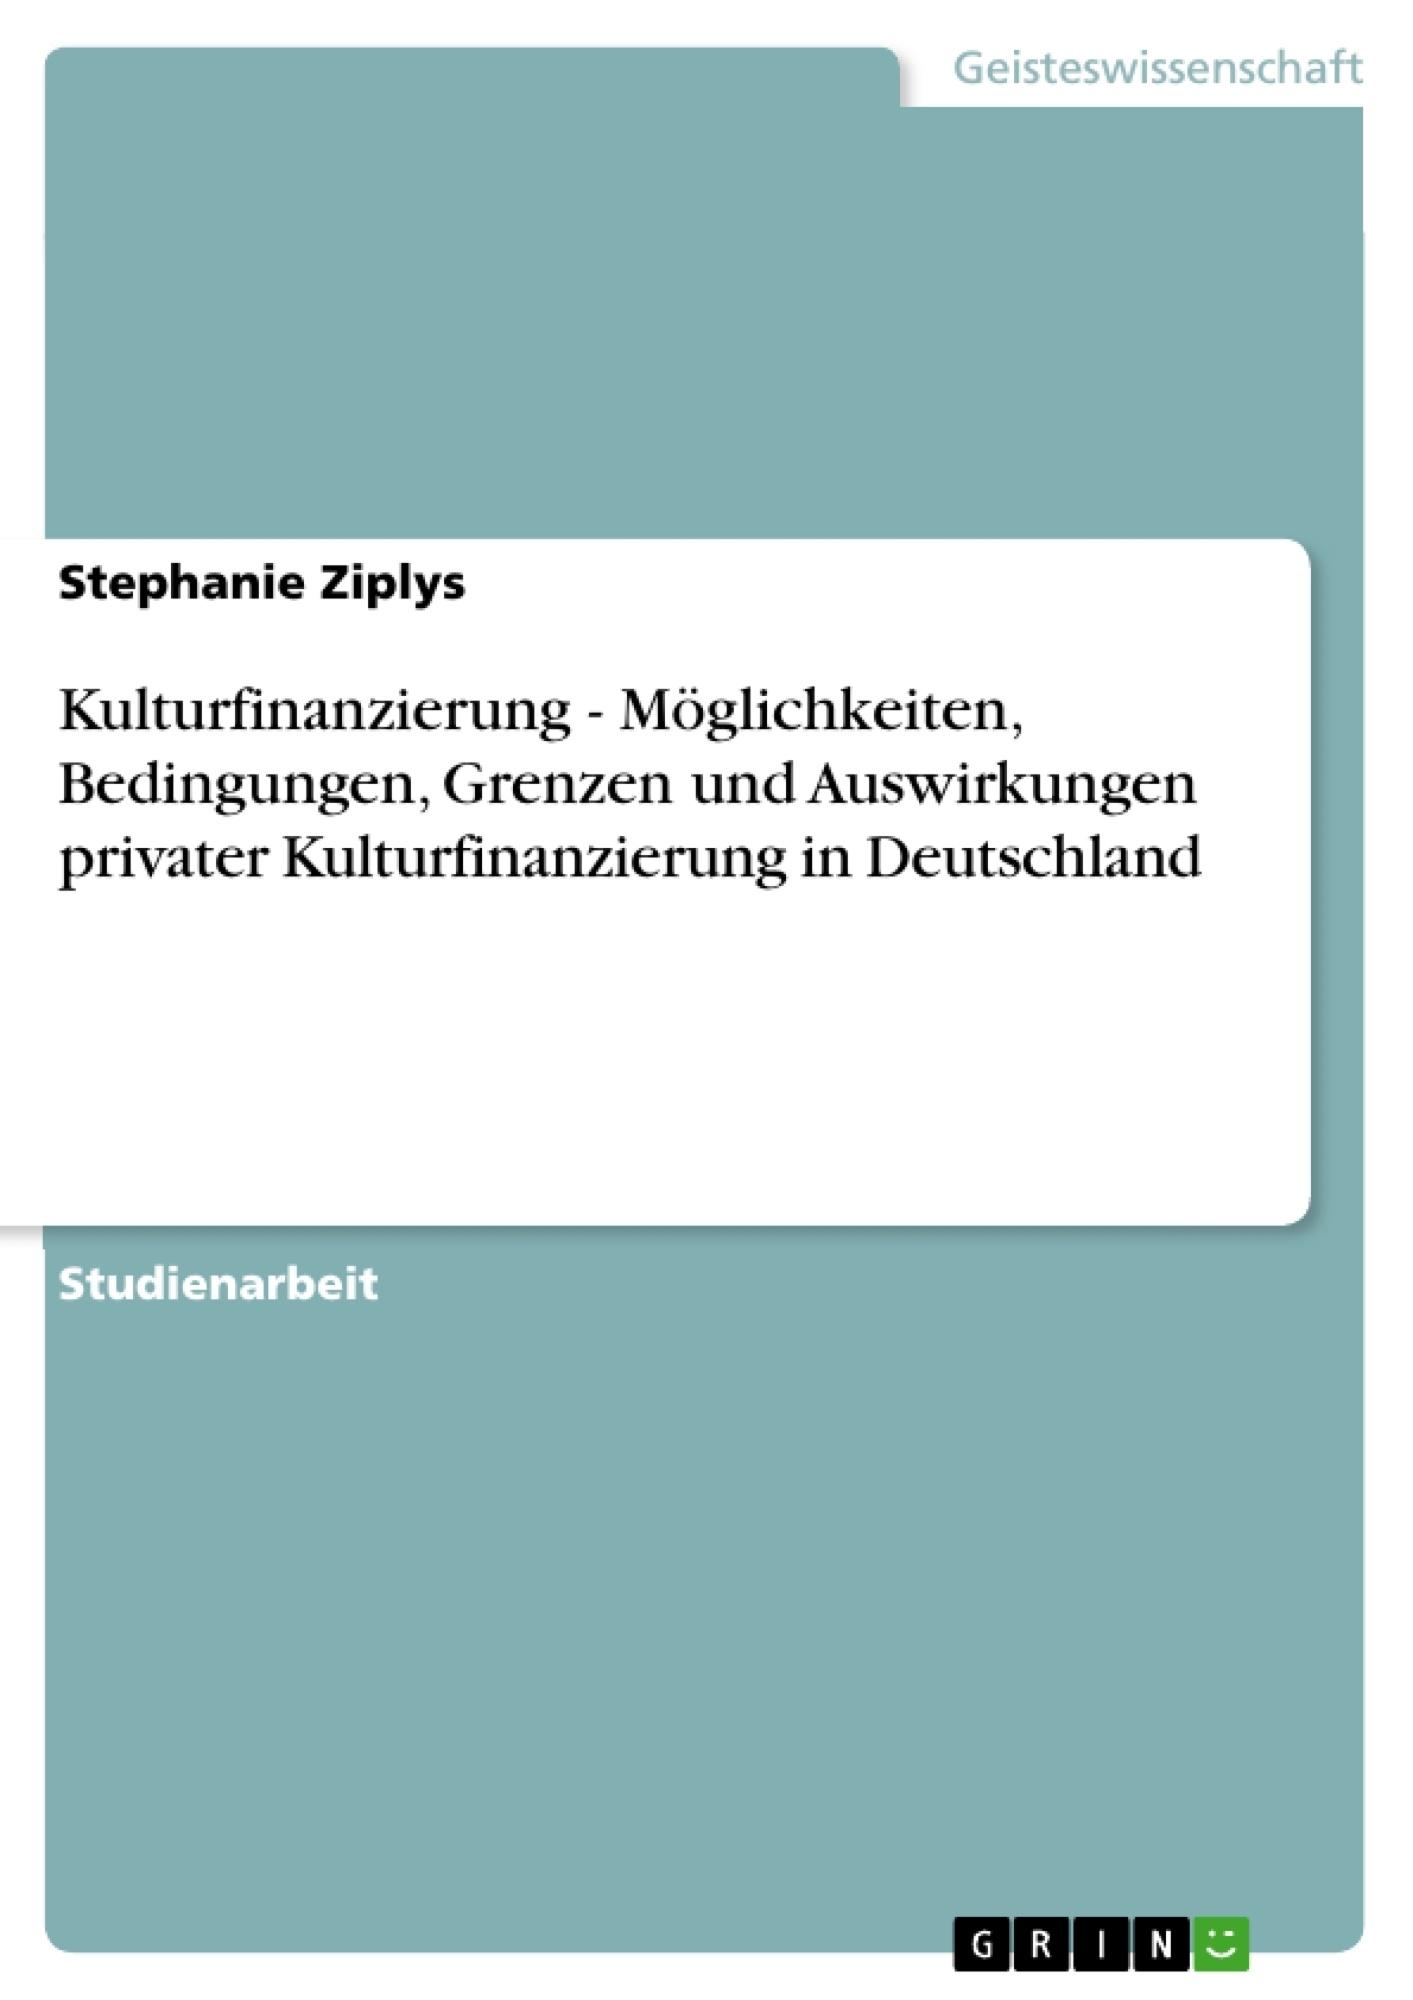 Titel: Kulturfinanzierung - Möglichkeiten, Bedingungen, Grenzen und Auswirkungen privater Kulturfinanzierung in Deutschland